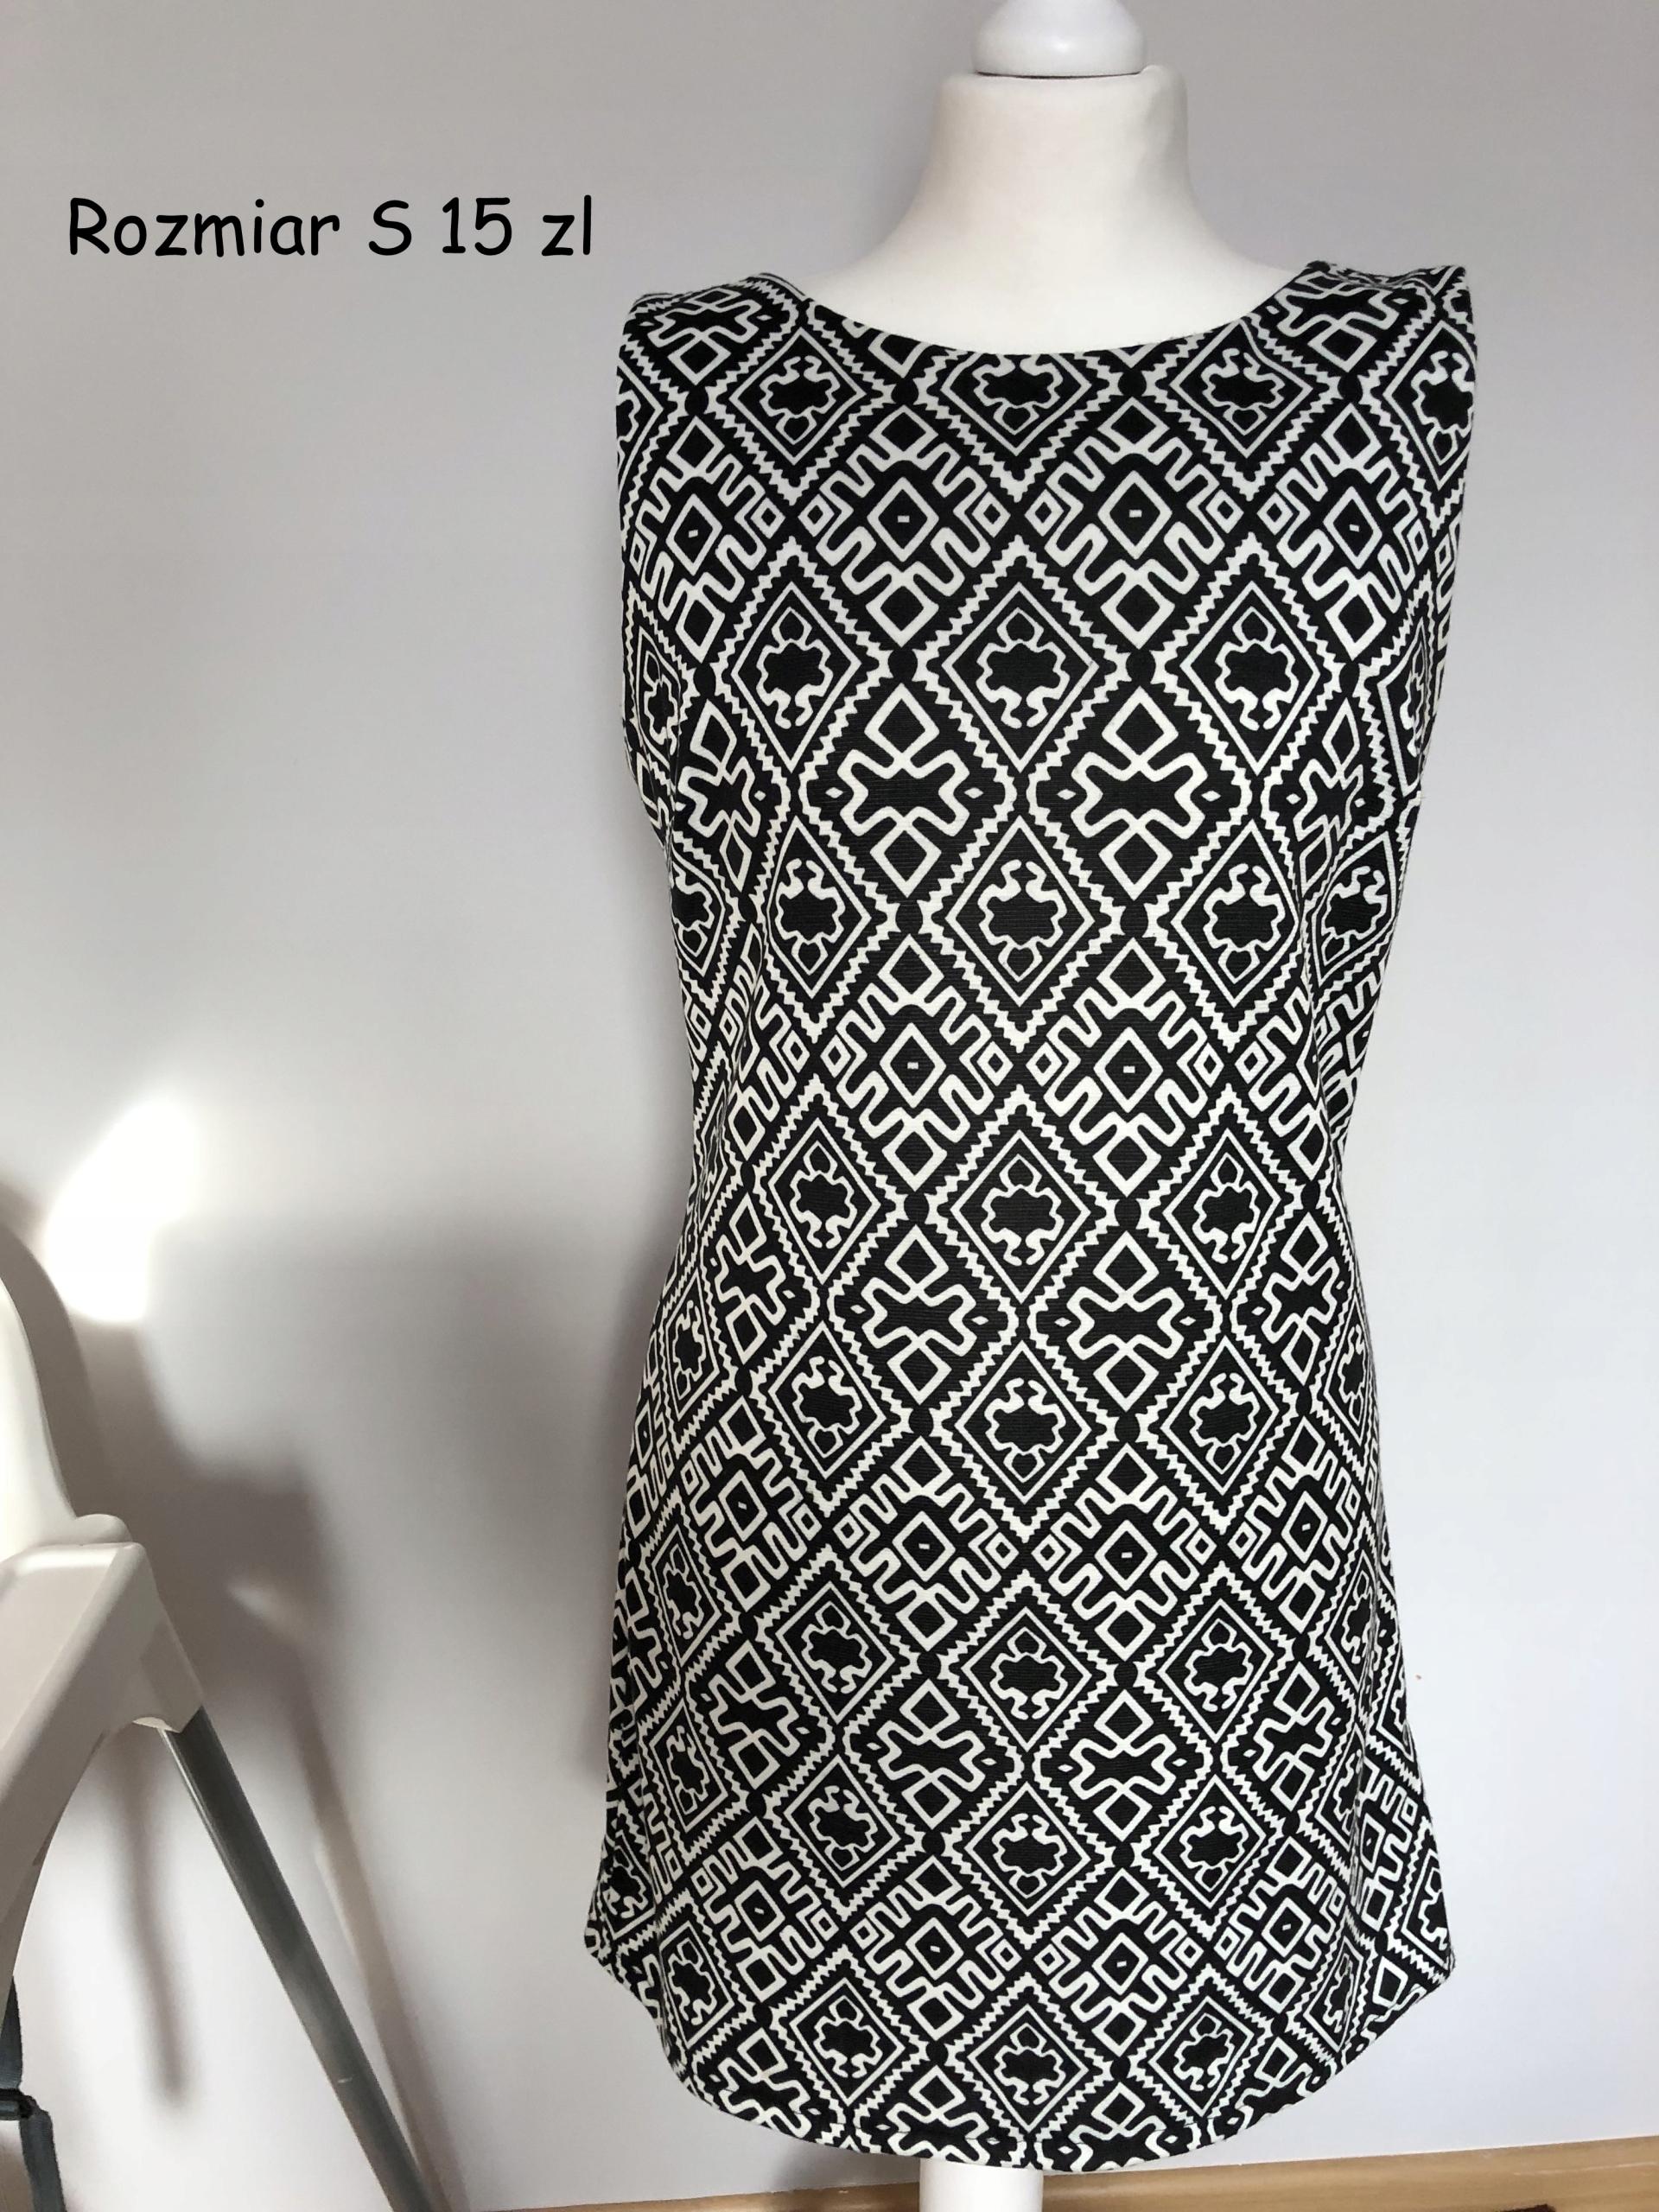 d11f9f3d0d Sukienka czarno-biała we wzory rozmiar S - 7477998269 - oficjalne ...